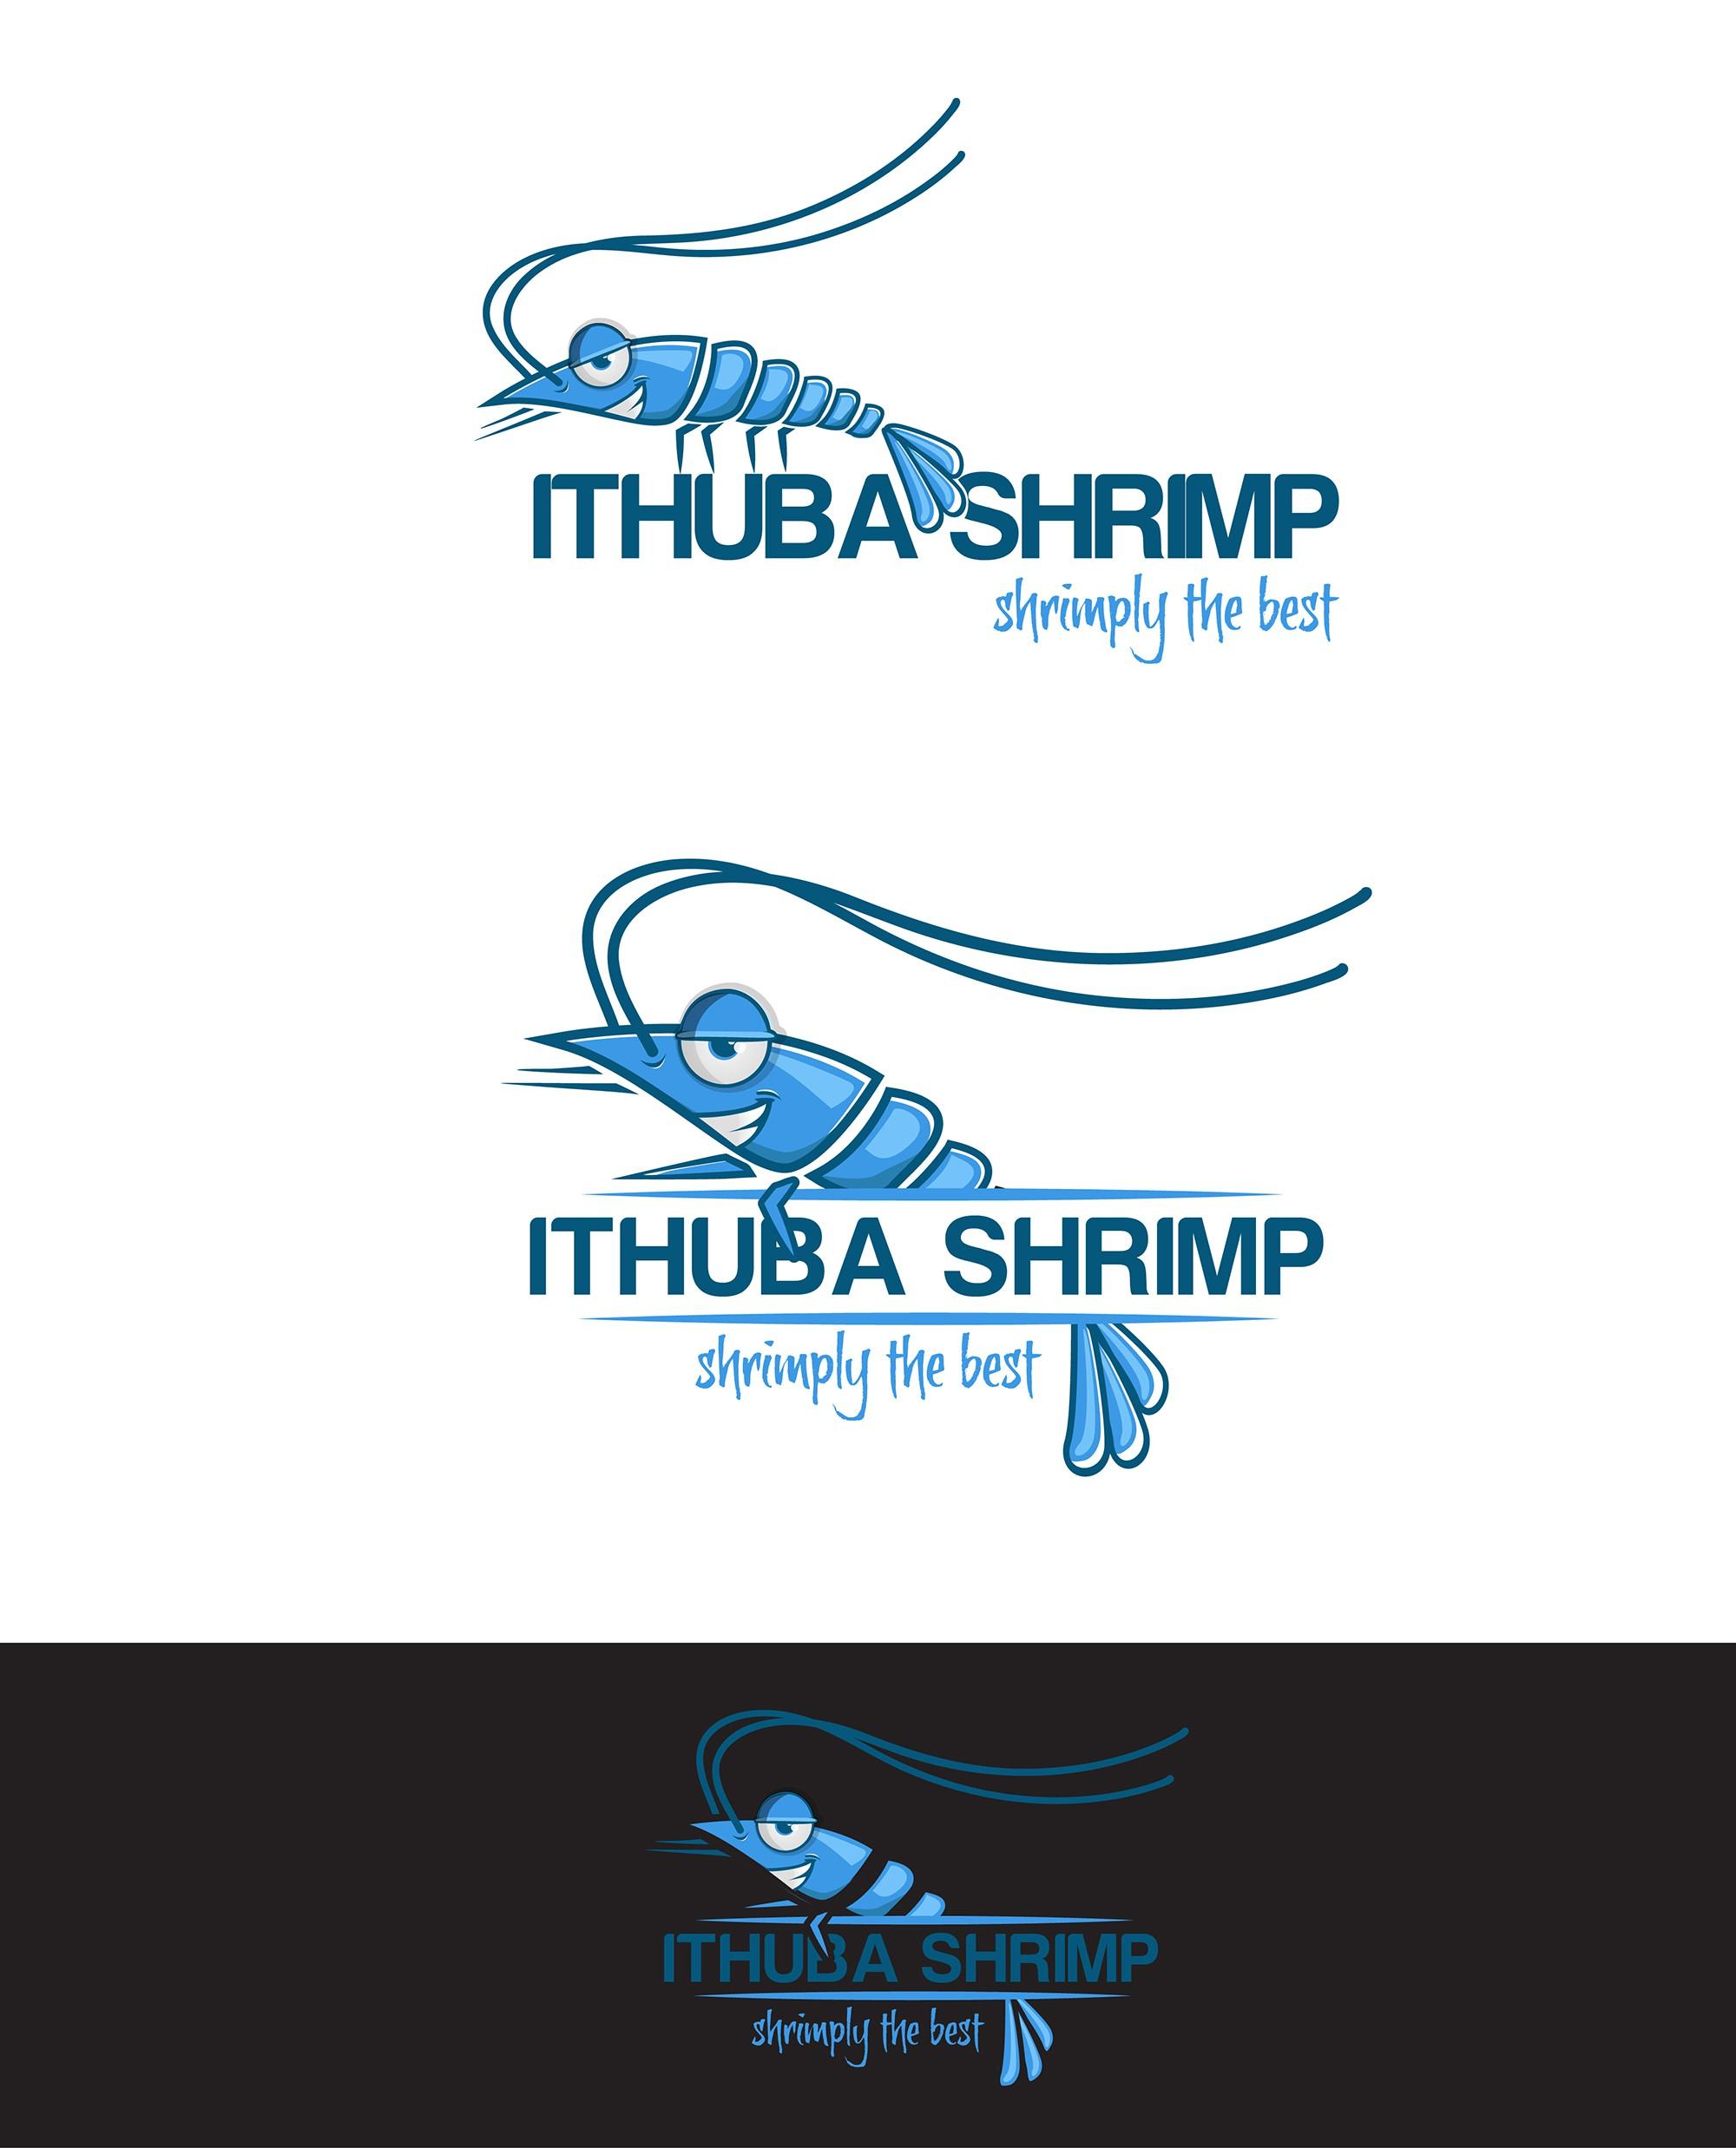 a shrimp character